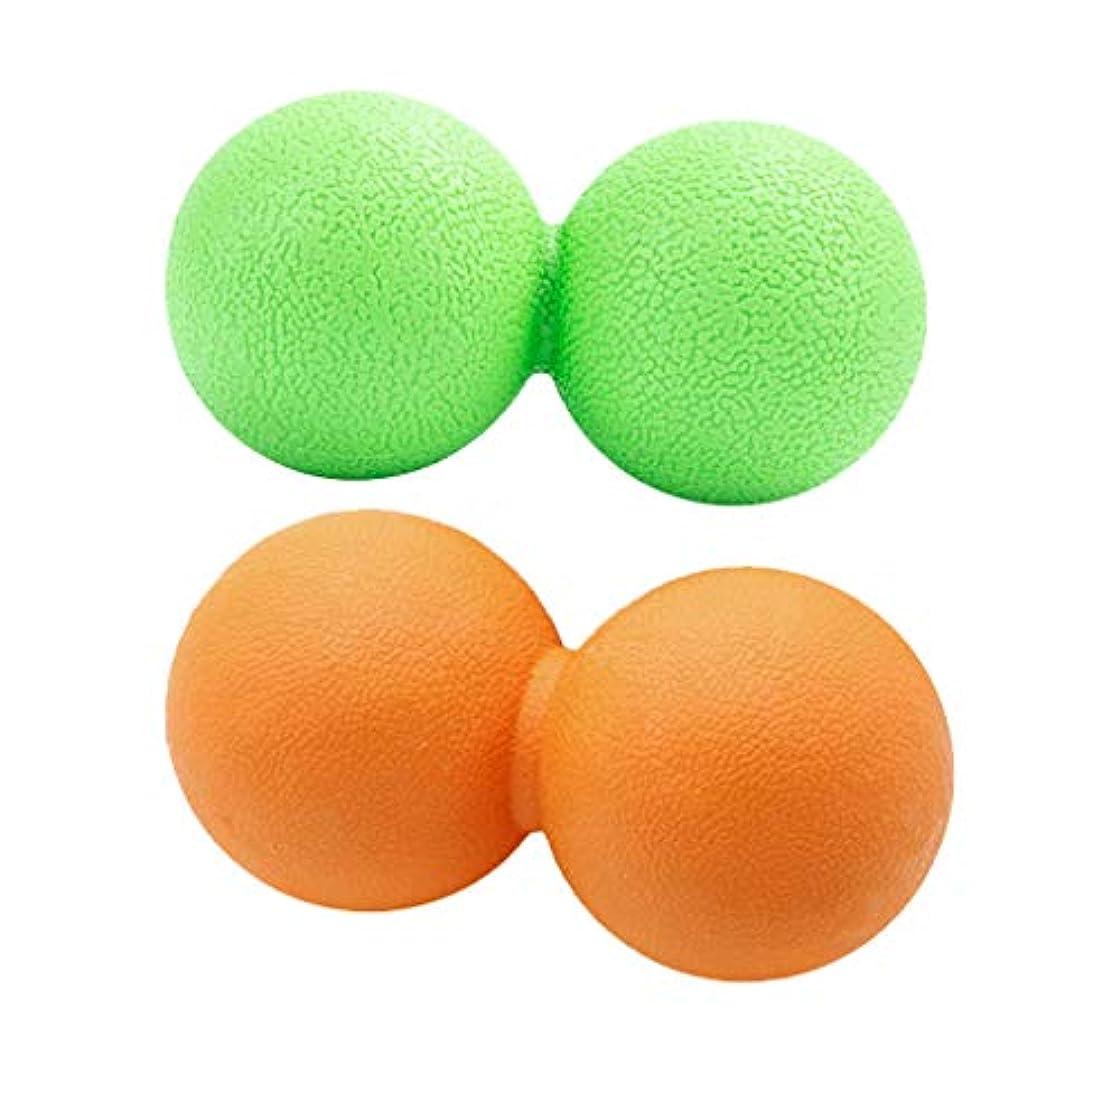 ジャンプ流行共役マッサージボール ピーナッツ型 筋膜リリース トリガーポイント 緊張緩和 健康グッズ 2個入